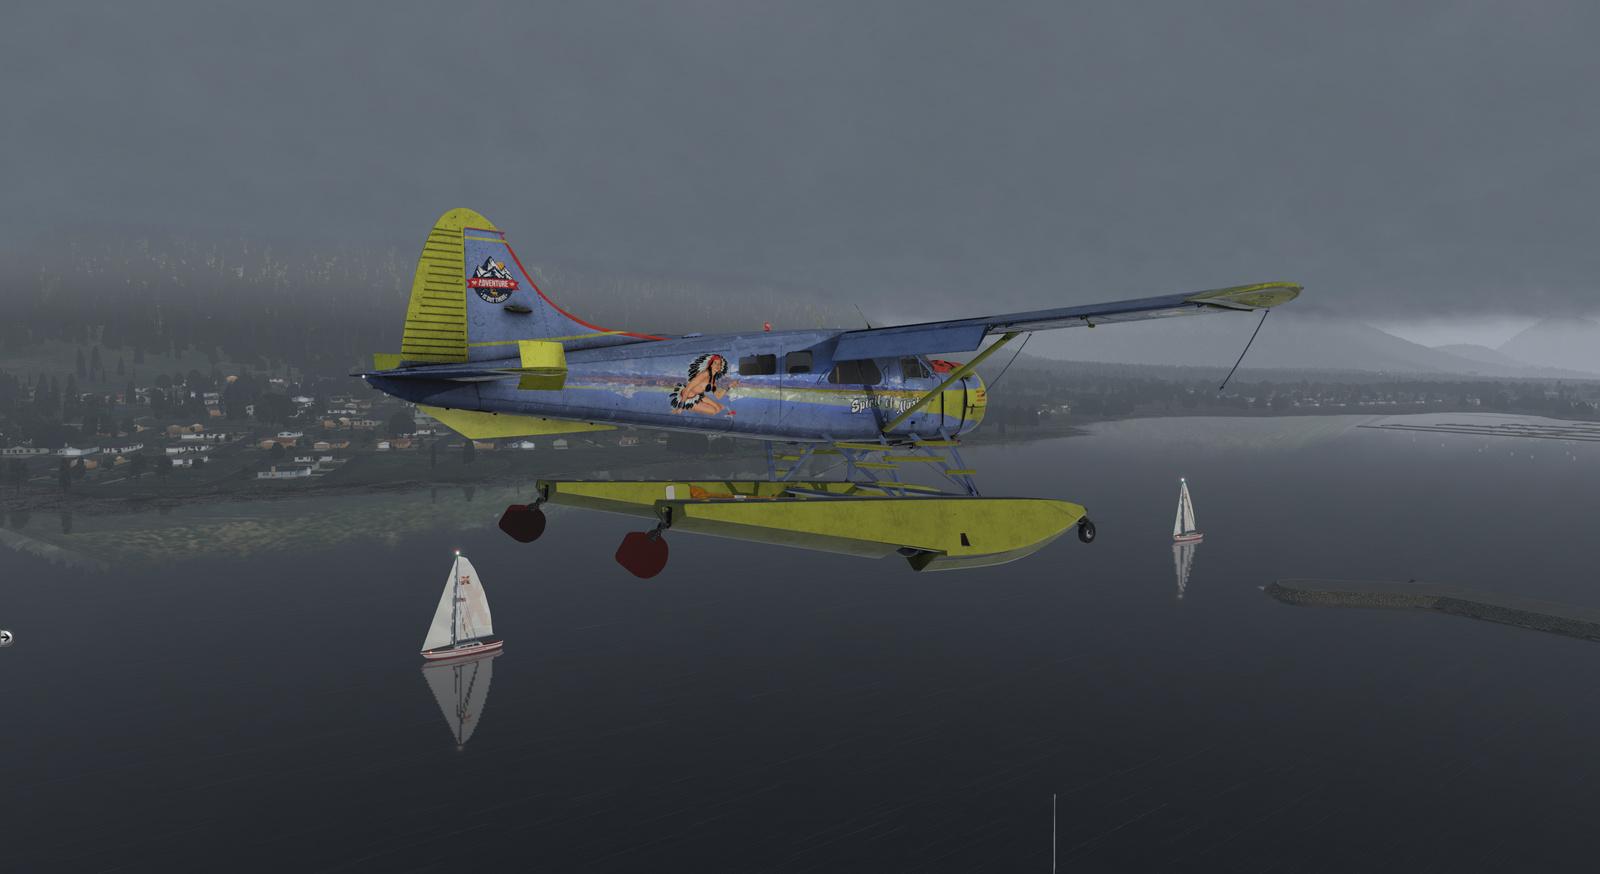 Spirit of Alaska repaint for Thranda DHC-2 Beaver for X-Plane 11, amphibian version, image 17/20